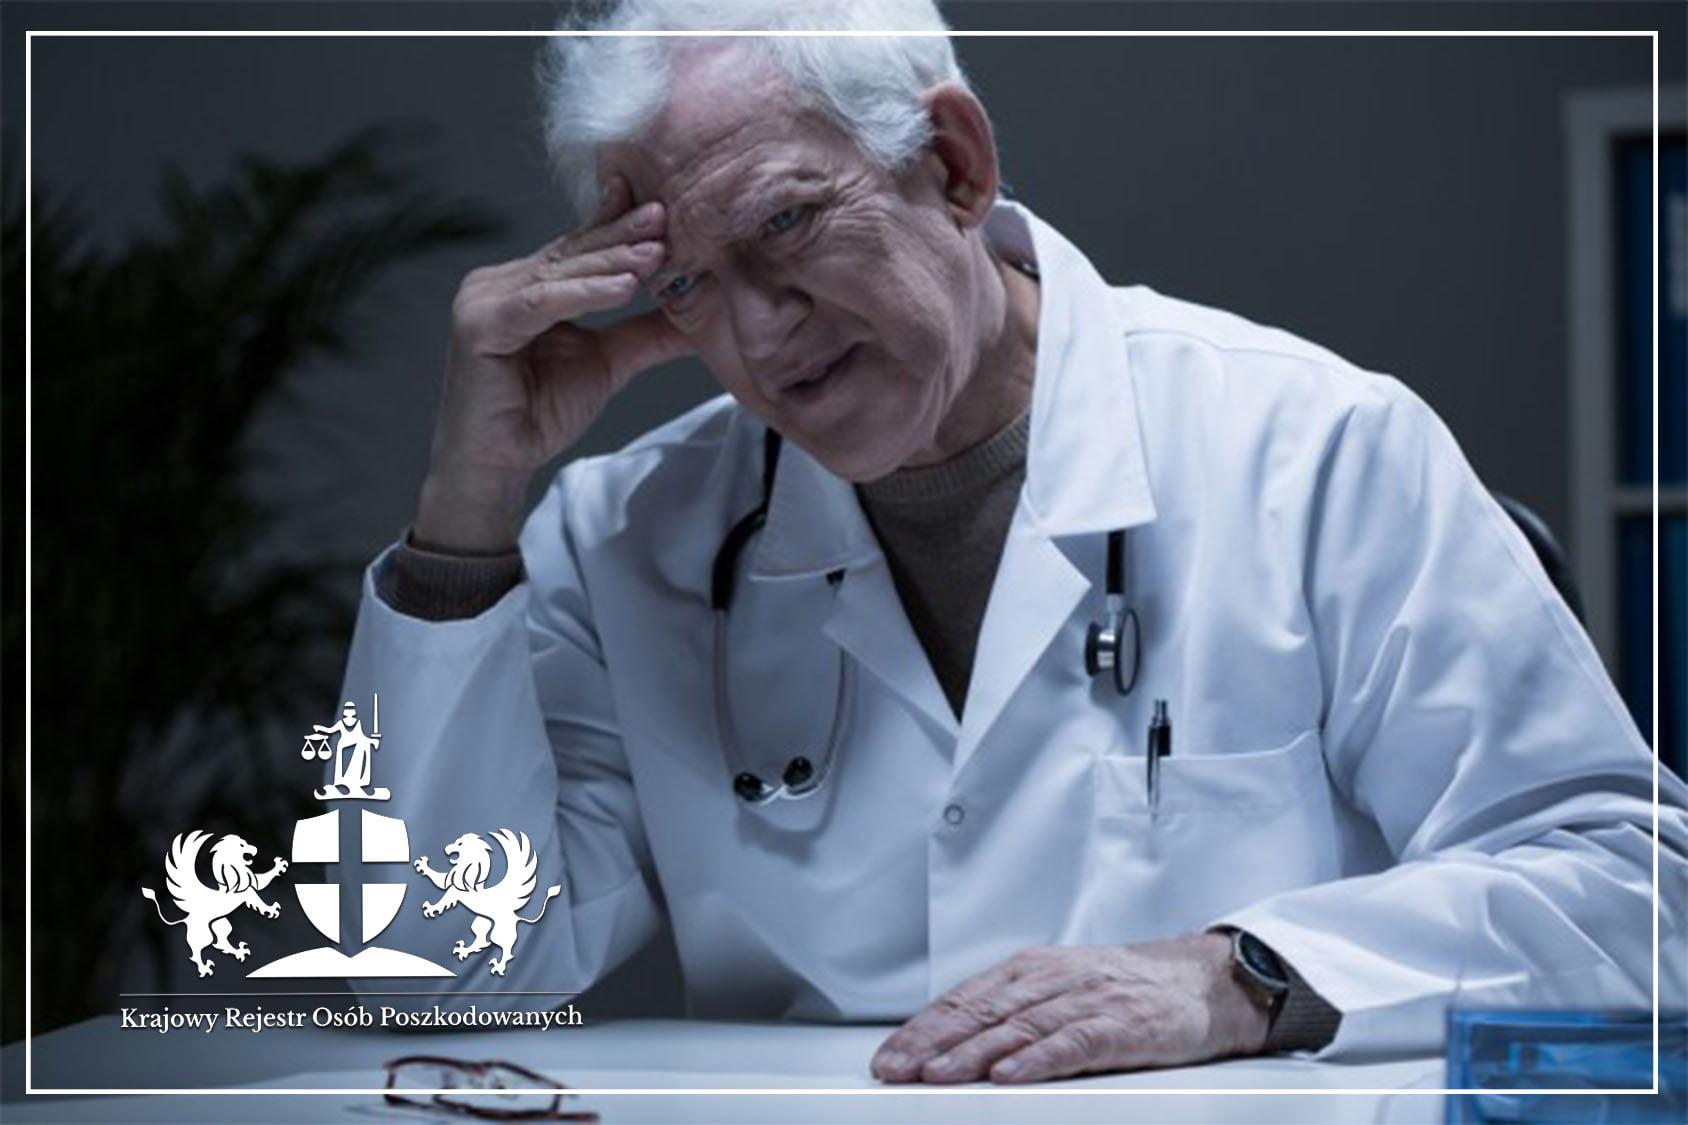 Błąd diagnostyczny może prowadzić do nieprawidłowego leczenia